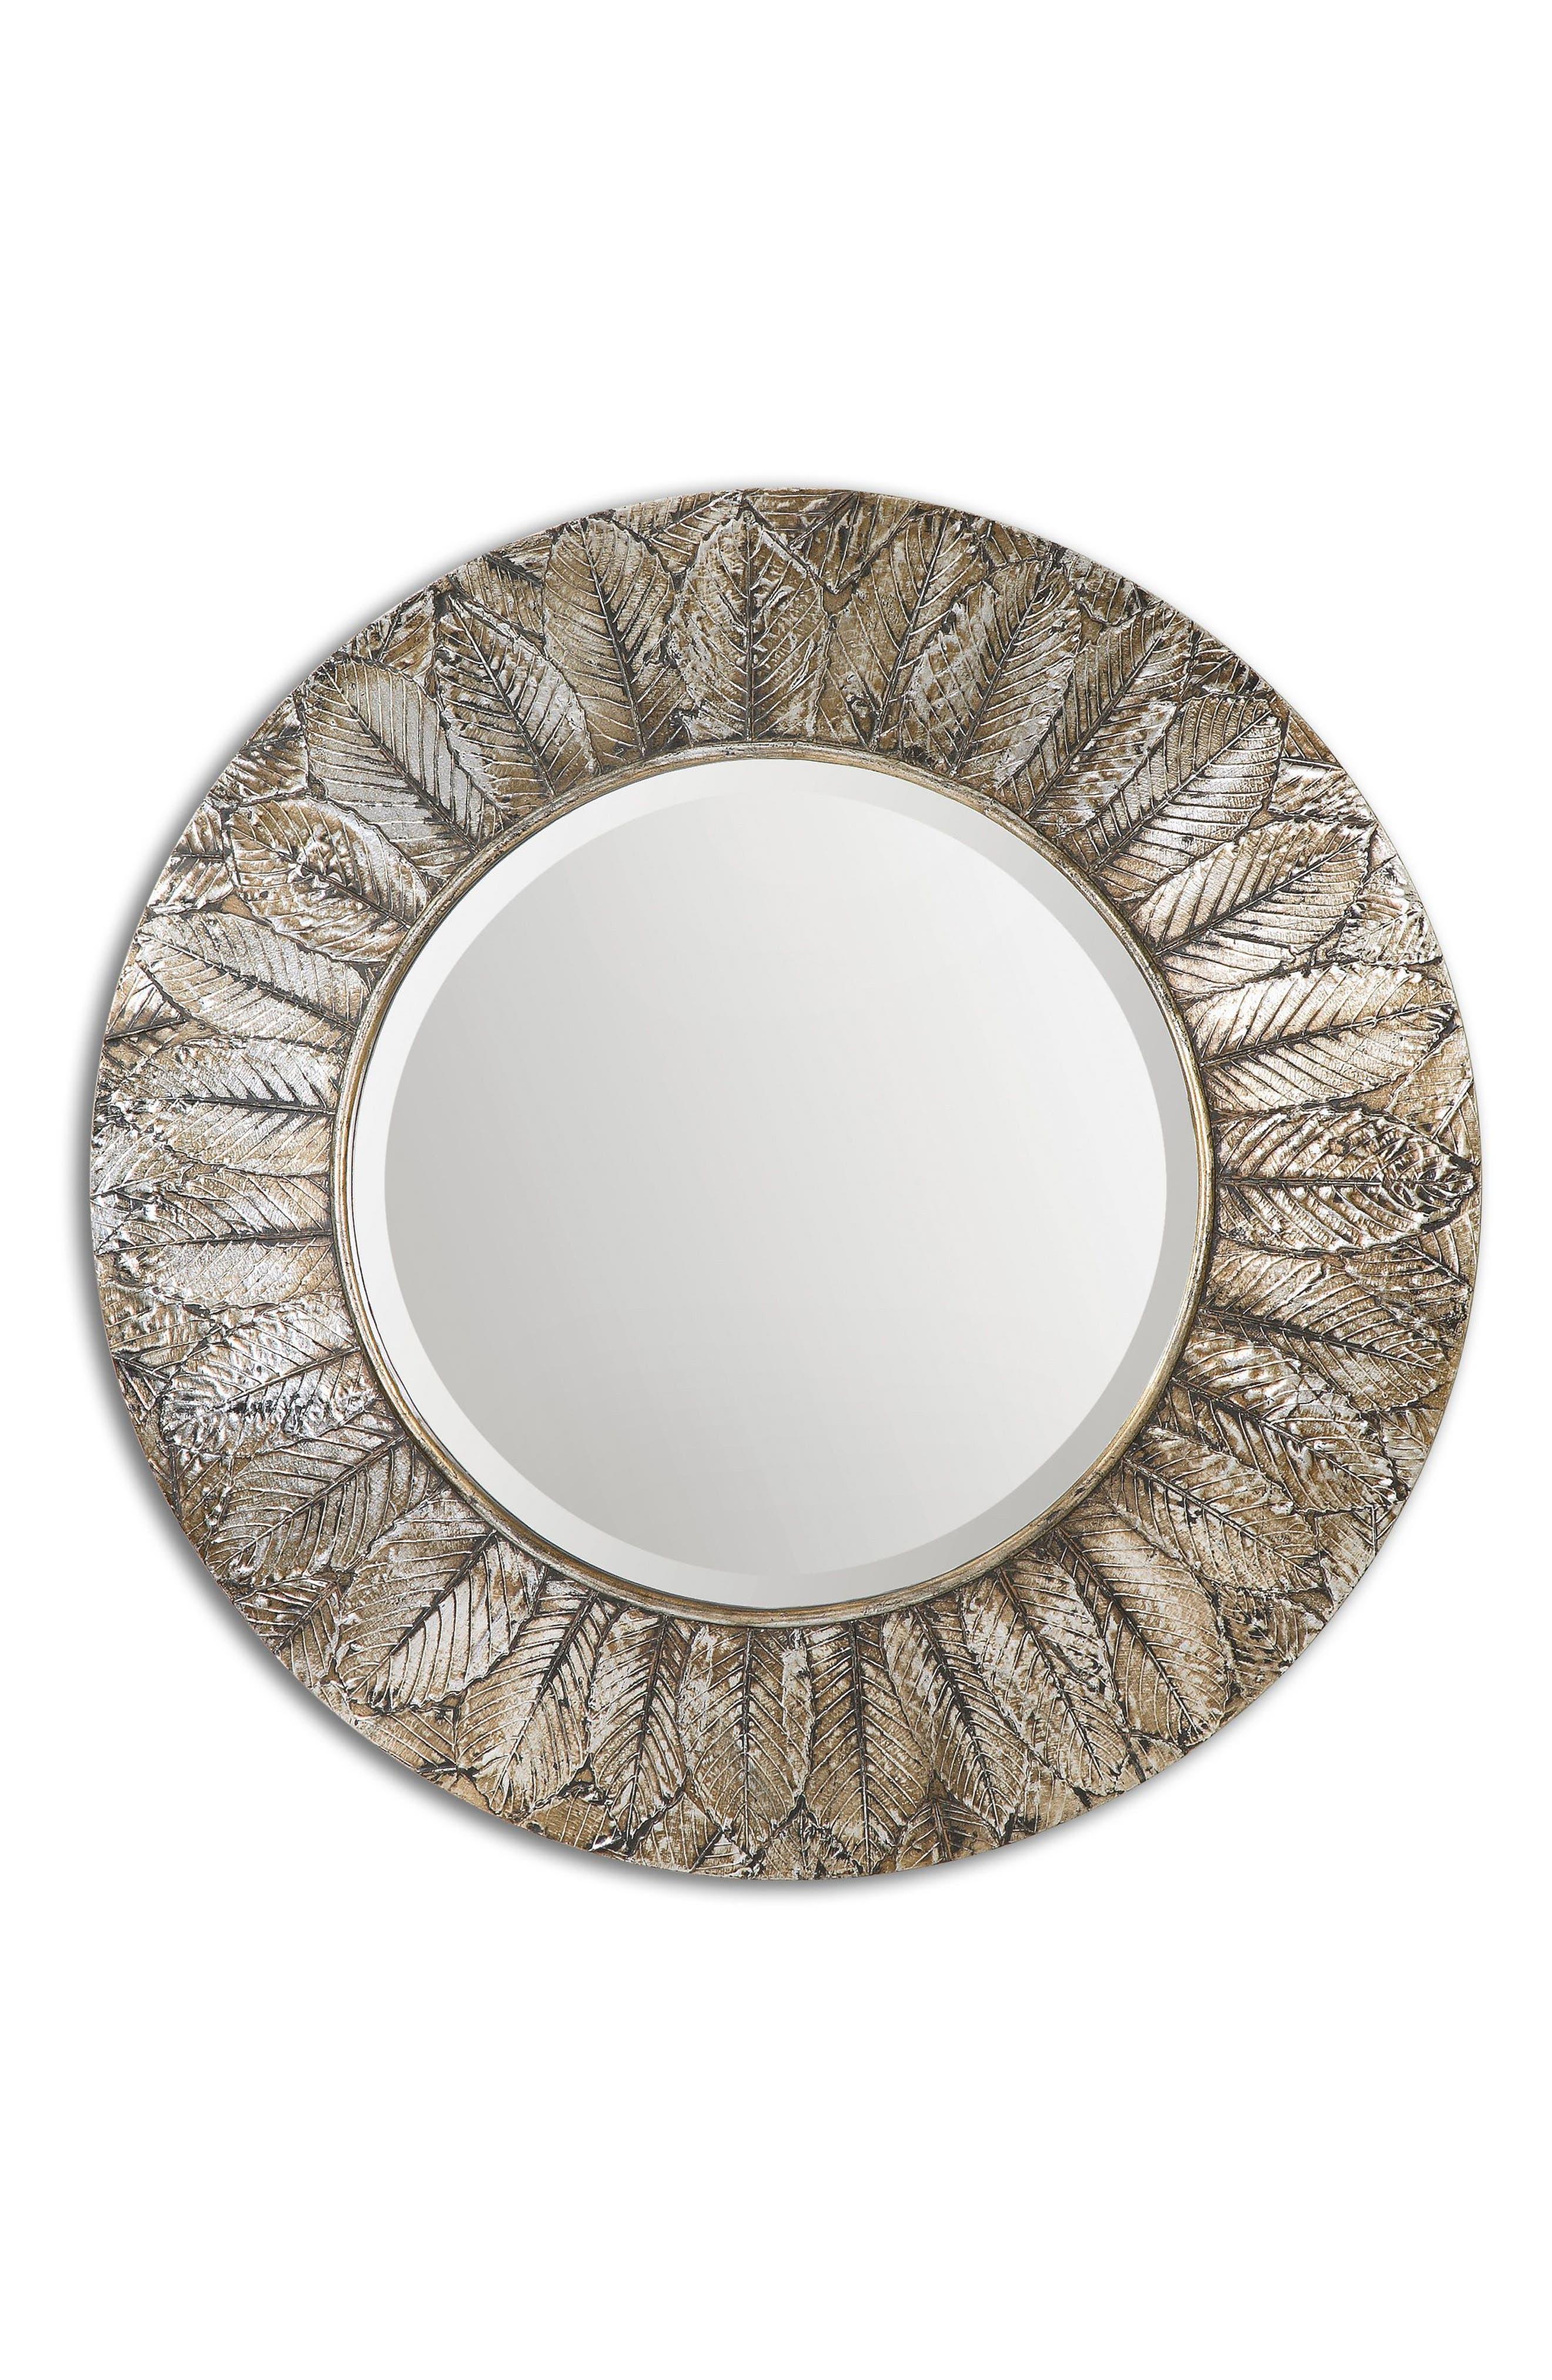 Foliage Wall Mirror,                             Main thumbnail 1, color,                             Grey